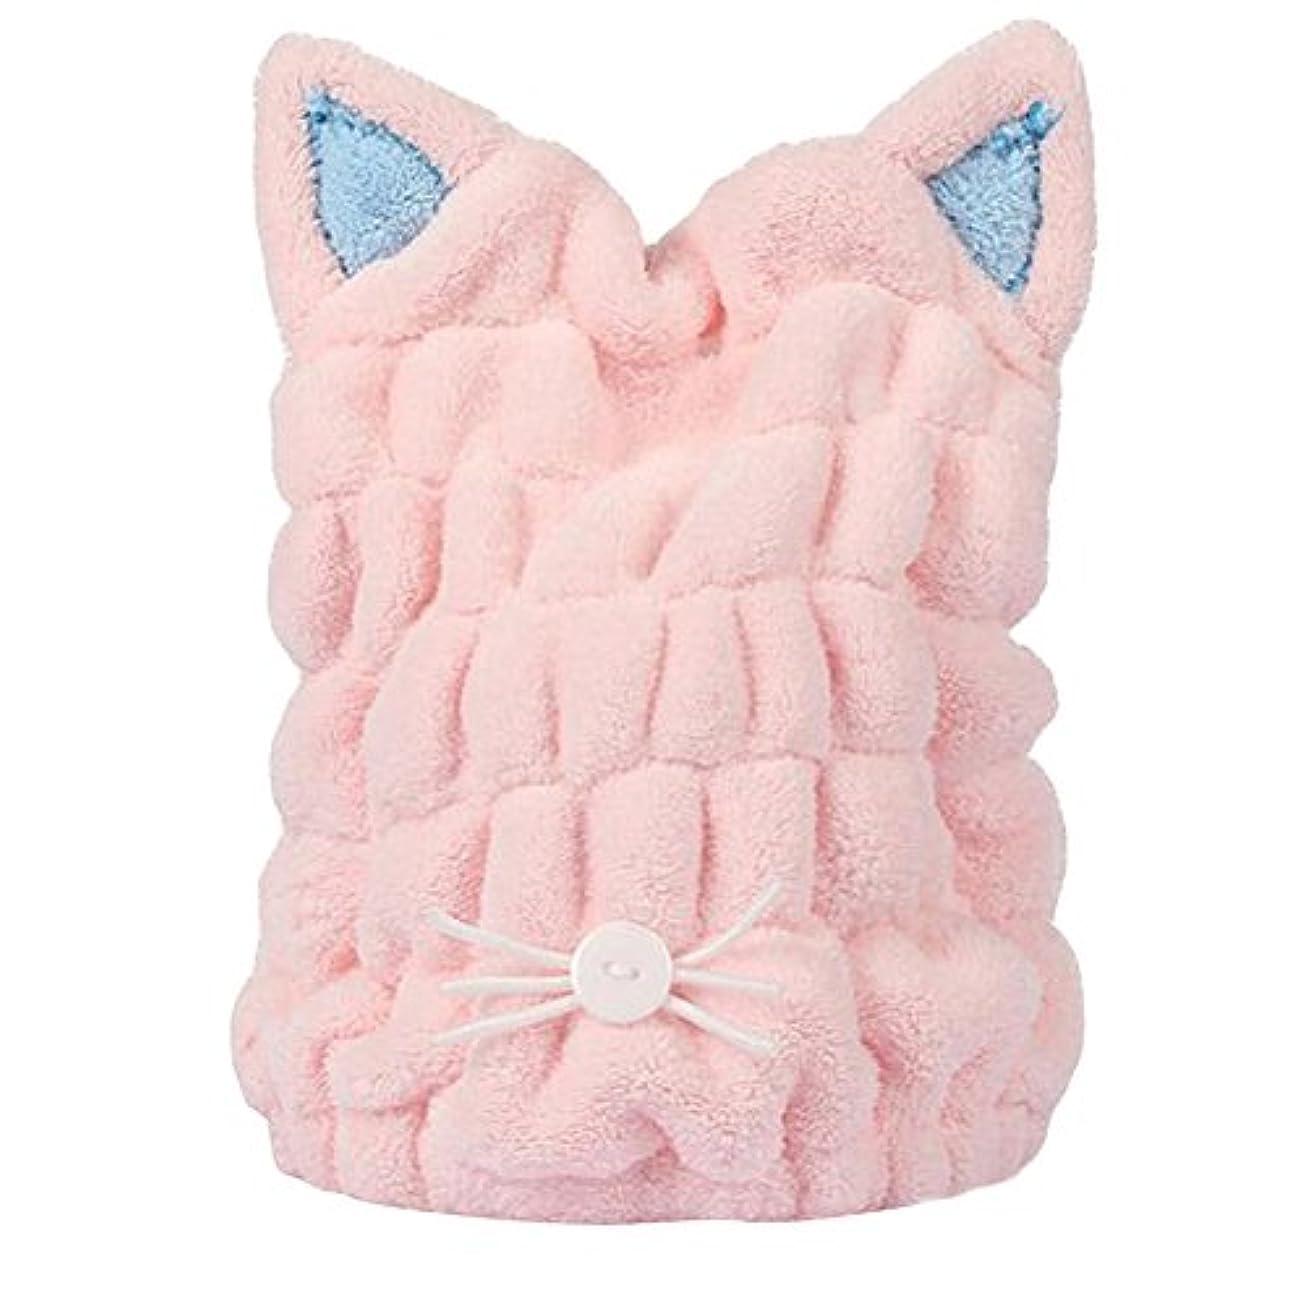 静かに教養がある安心させるタオルキャップ 猫耳 ヘアドライキャップ 吸水 乾燥用 お風呂用 マイクロファイバー 可愛い (ピンク)